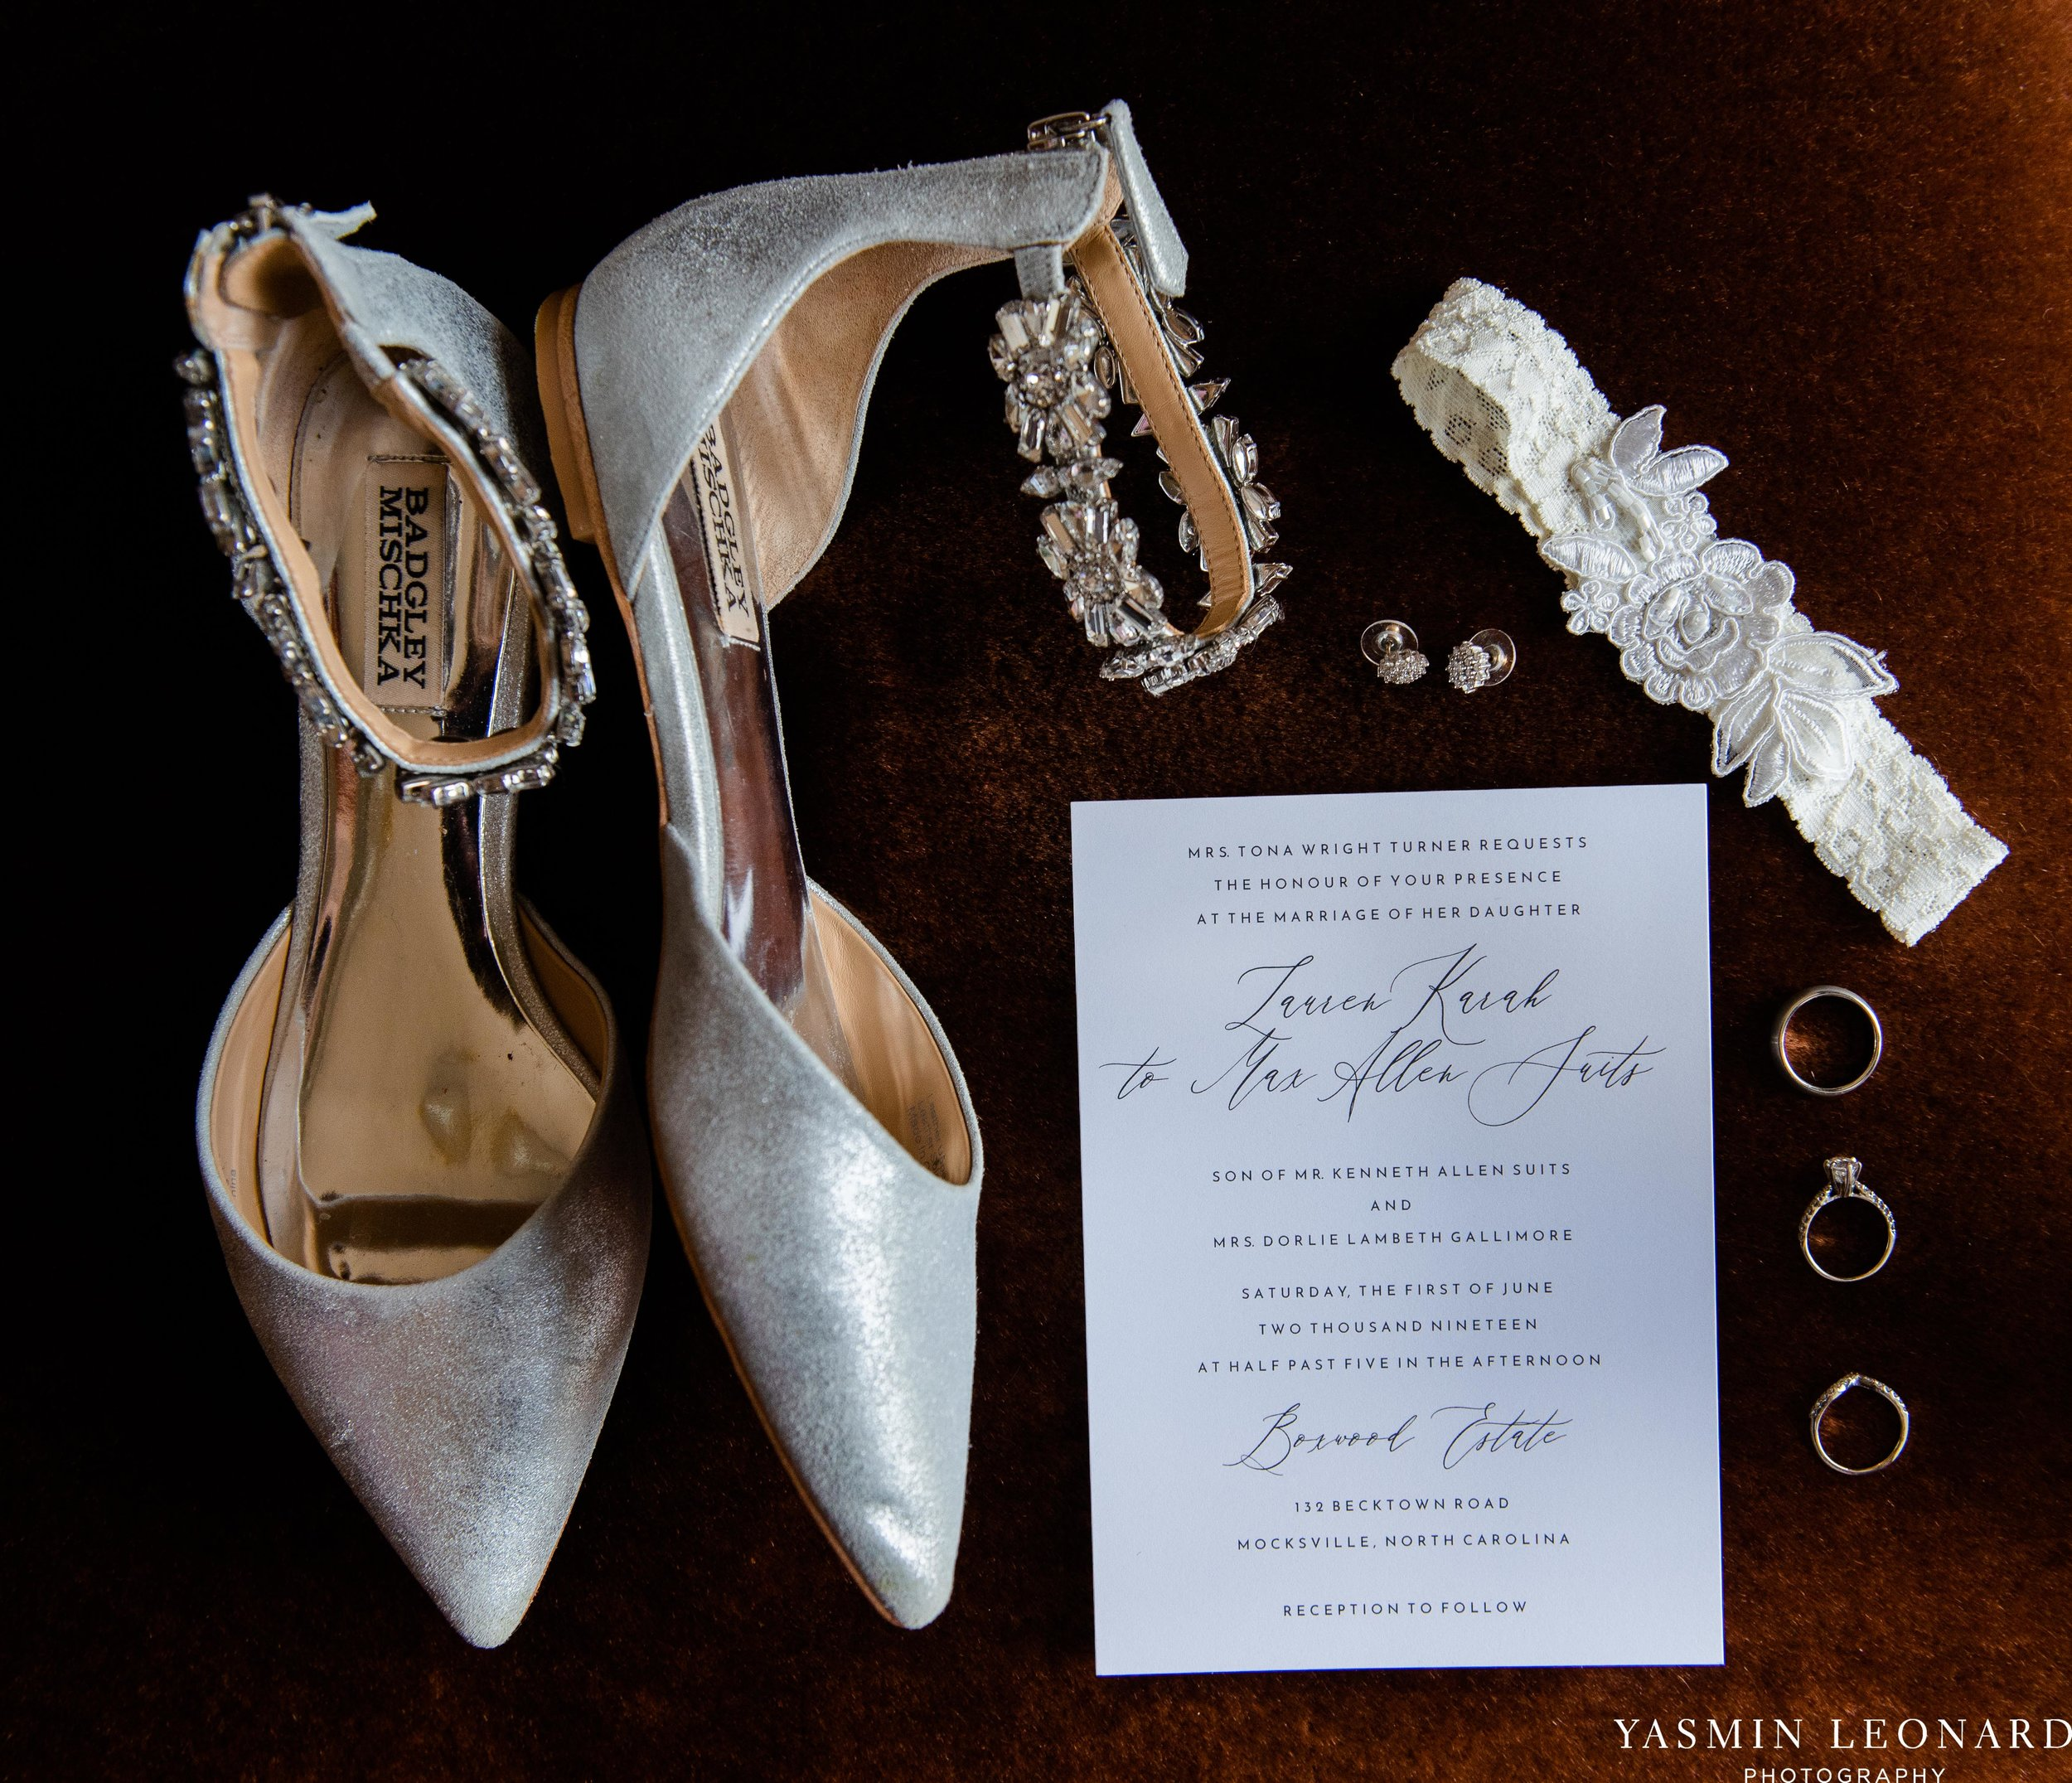 Boxwood Estate - Boxwood Estate Wedding - Luxury Wedding - Black and White Wedding - NC Wedding Venues - NC Weddings - NC Photographer - Lantern Release Grand Exit - Large Wedding Party - Yasmin Leonard Photography-2.jpg